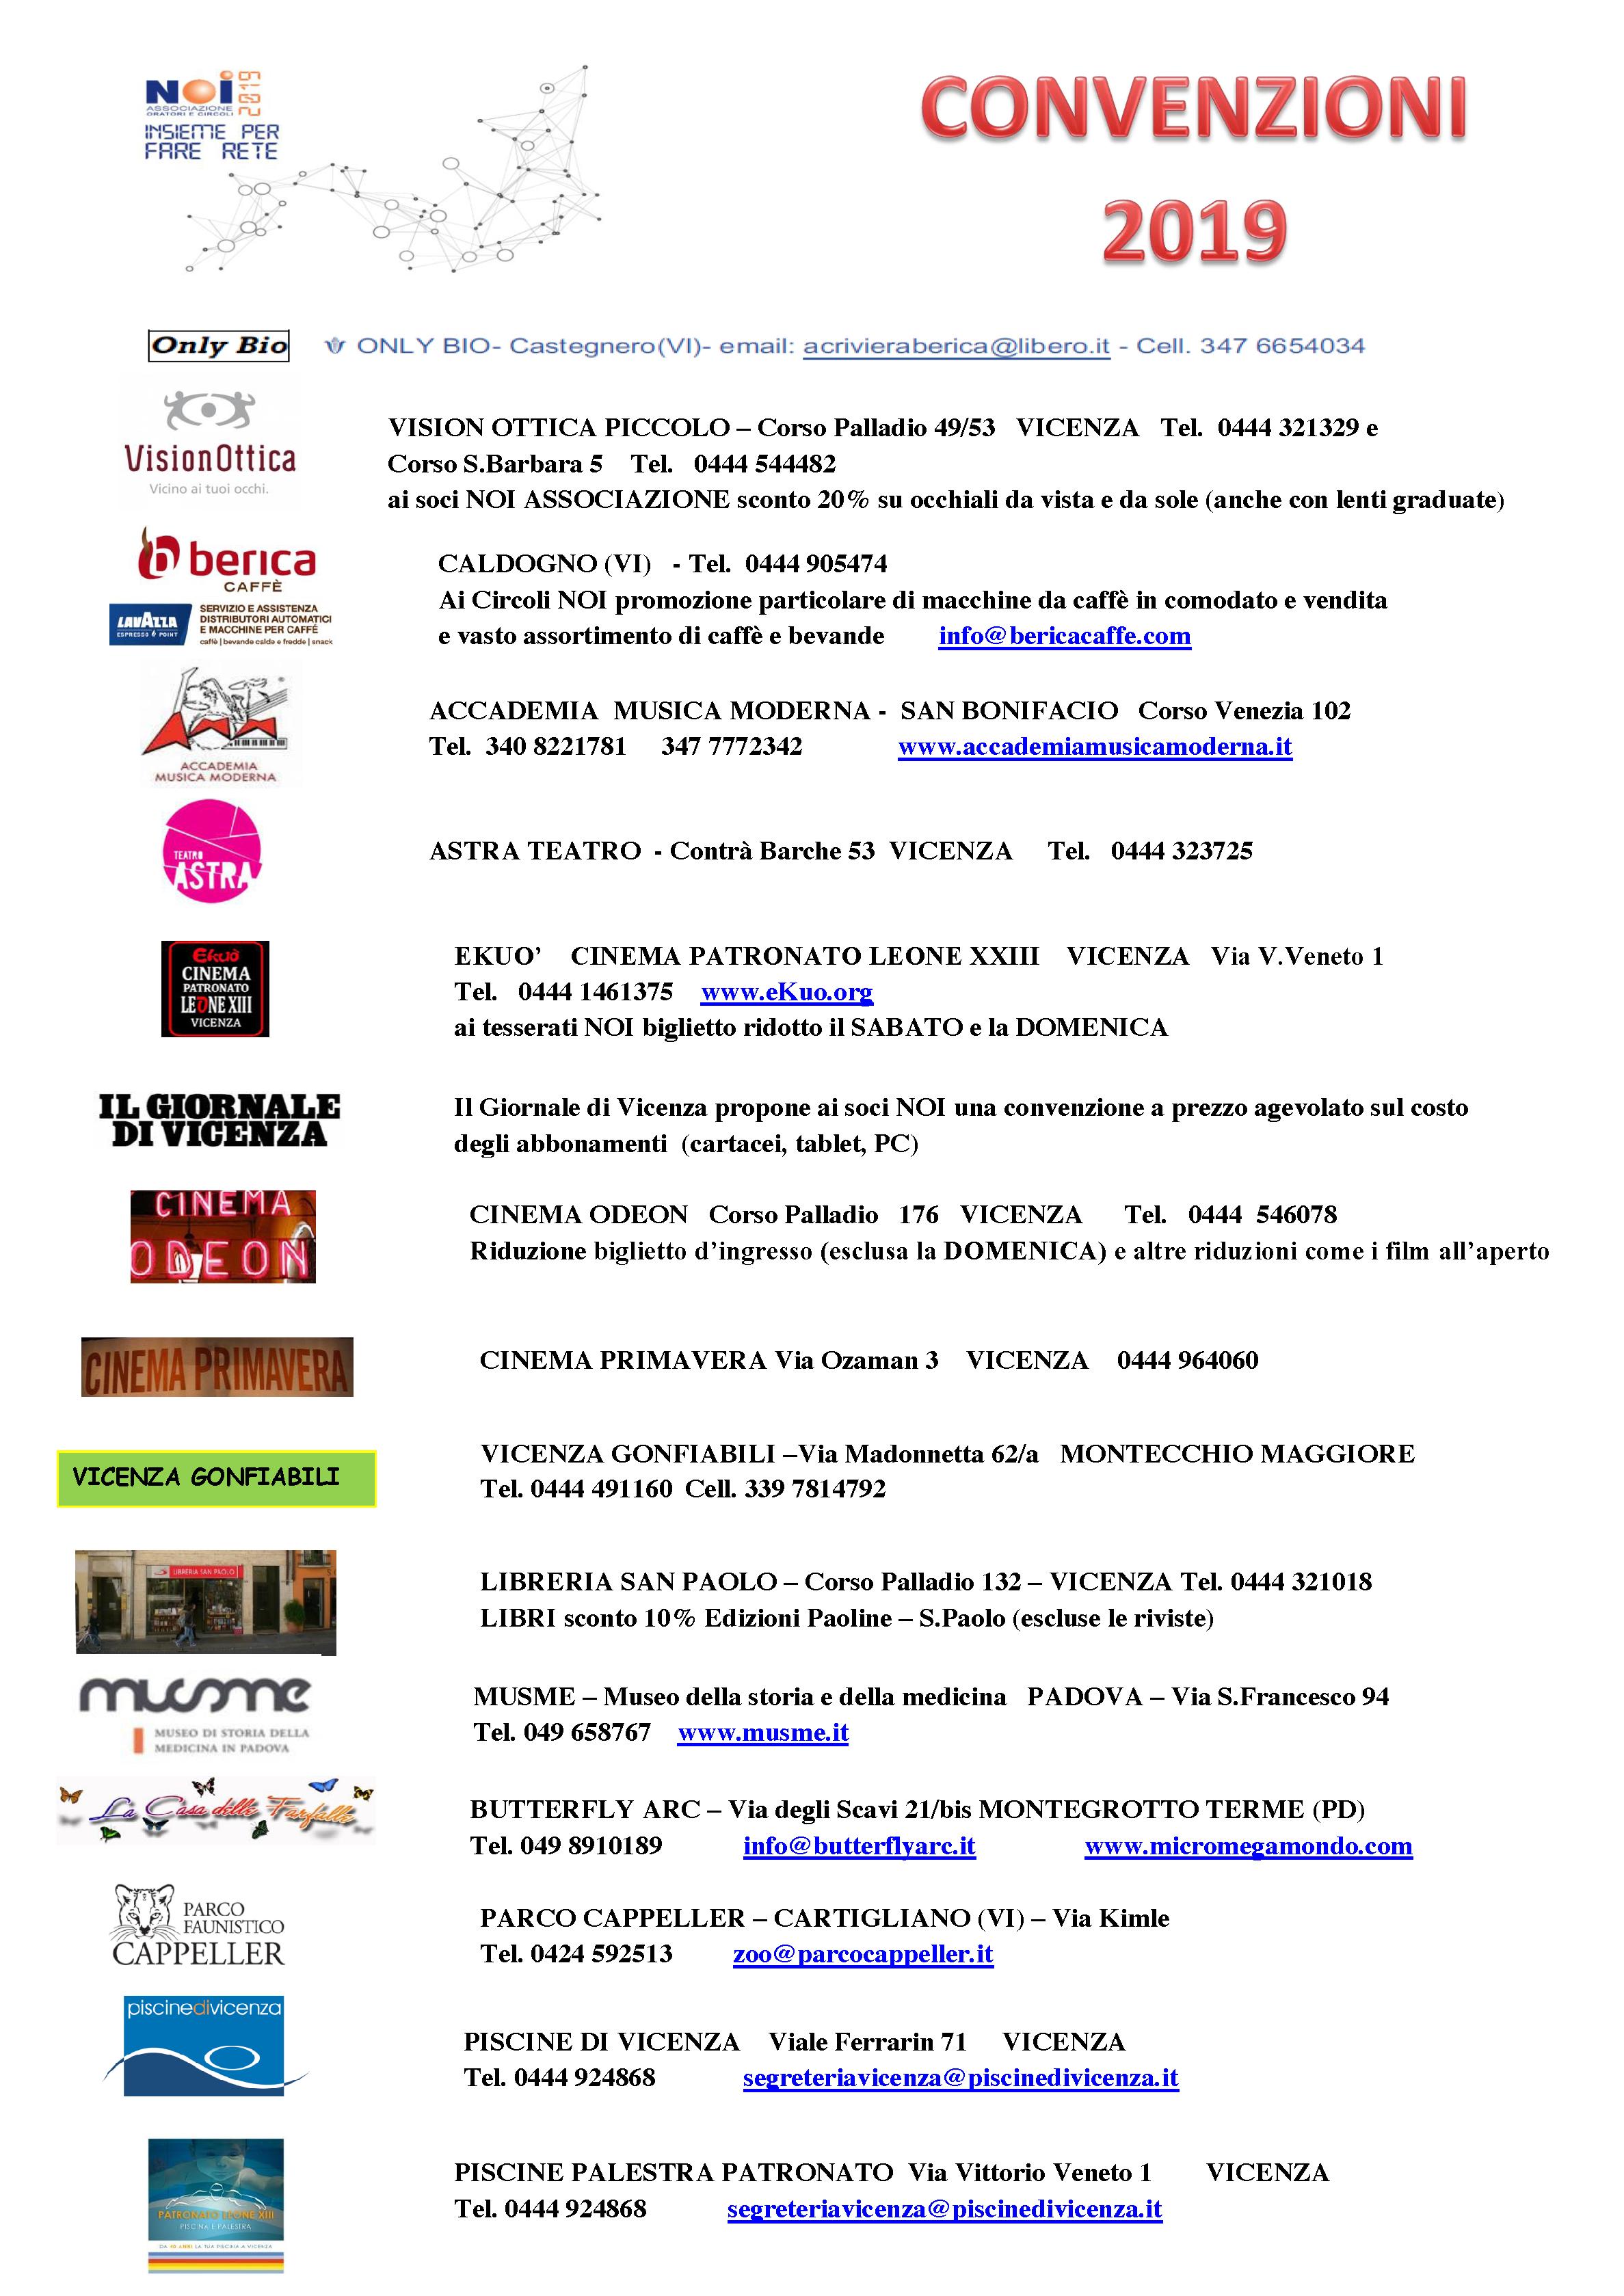 Convenzioni NOI-2019 - Parrocchia di S. Lorenzo in S. Pietro 2cb95bdb391